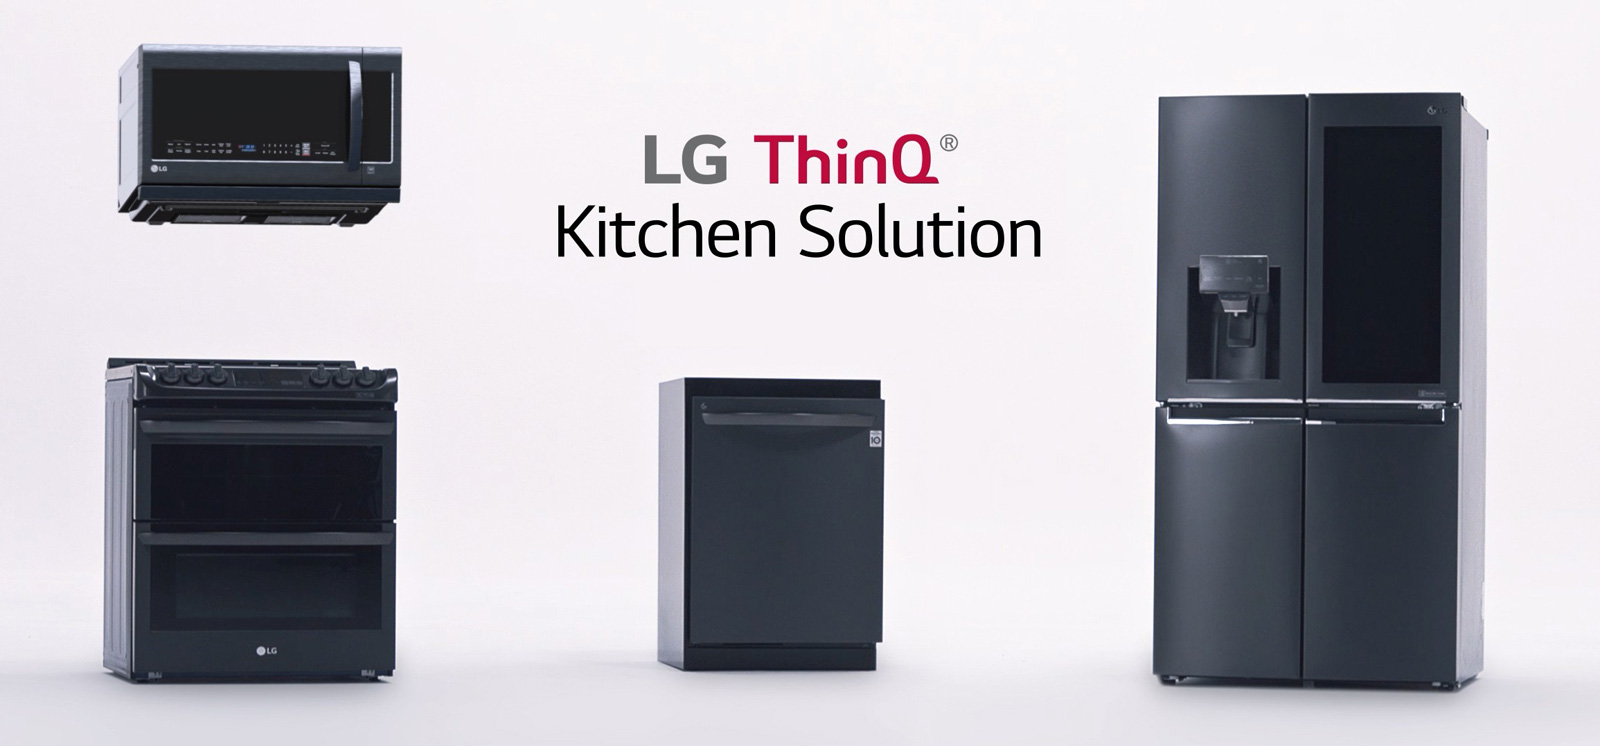 Cuisine Four Micro Onde lg thinq kitchen : alexa connecte votre cuisine, le